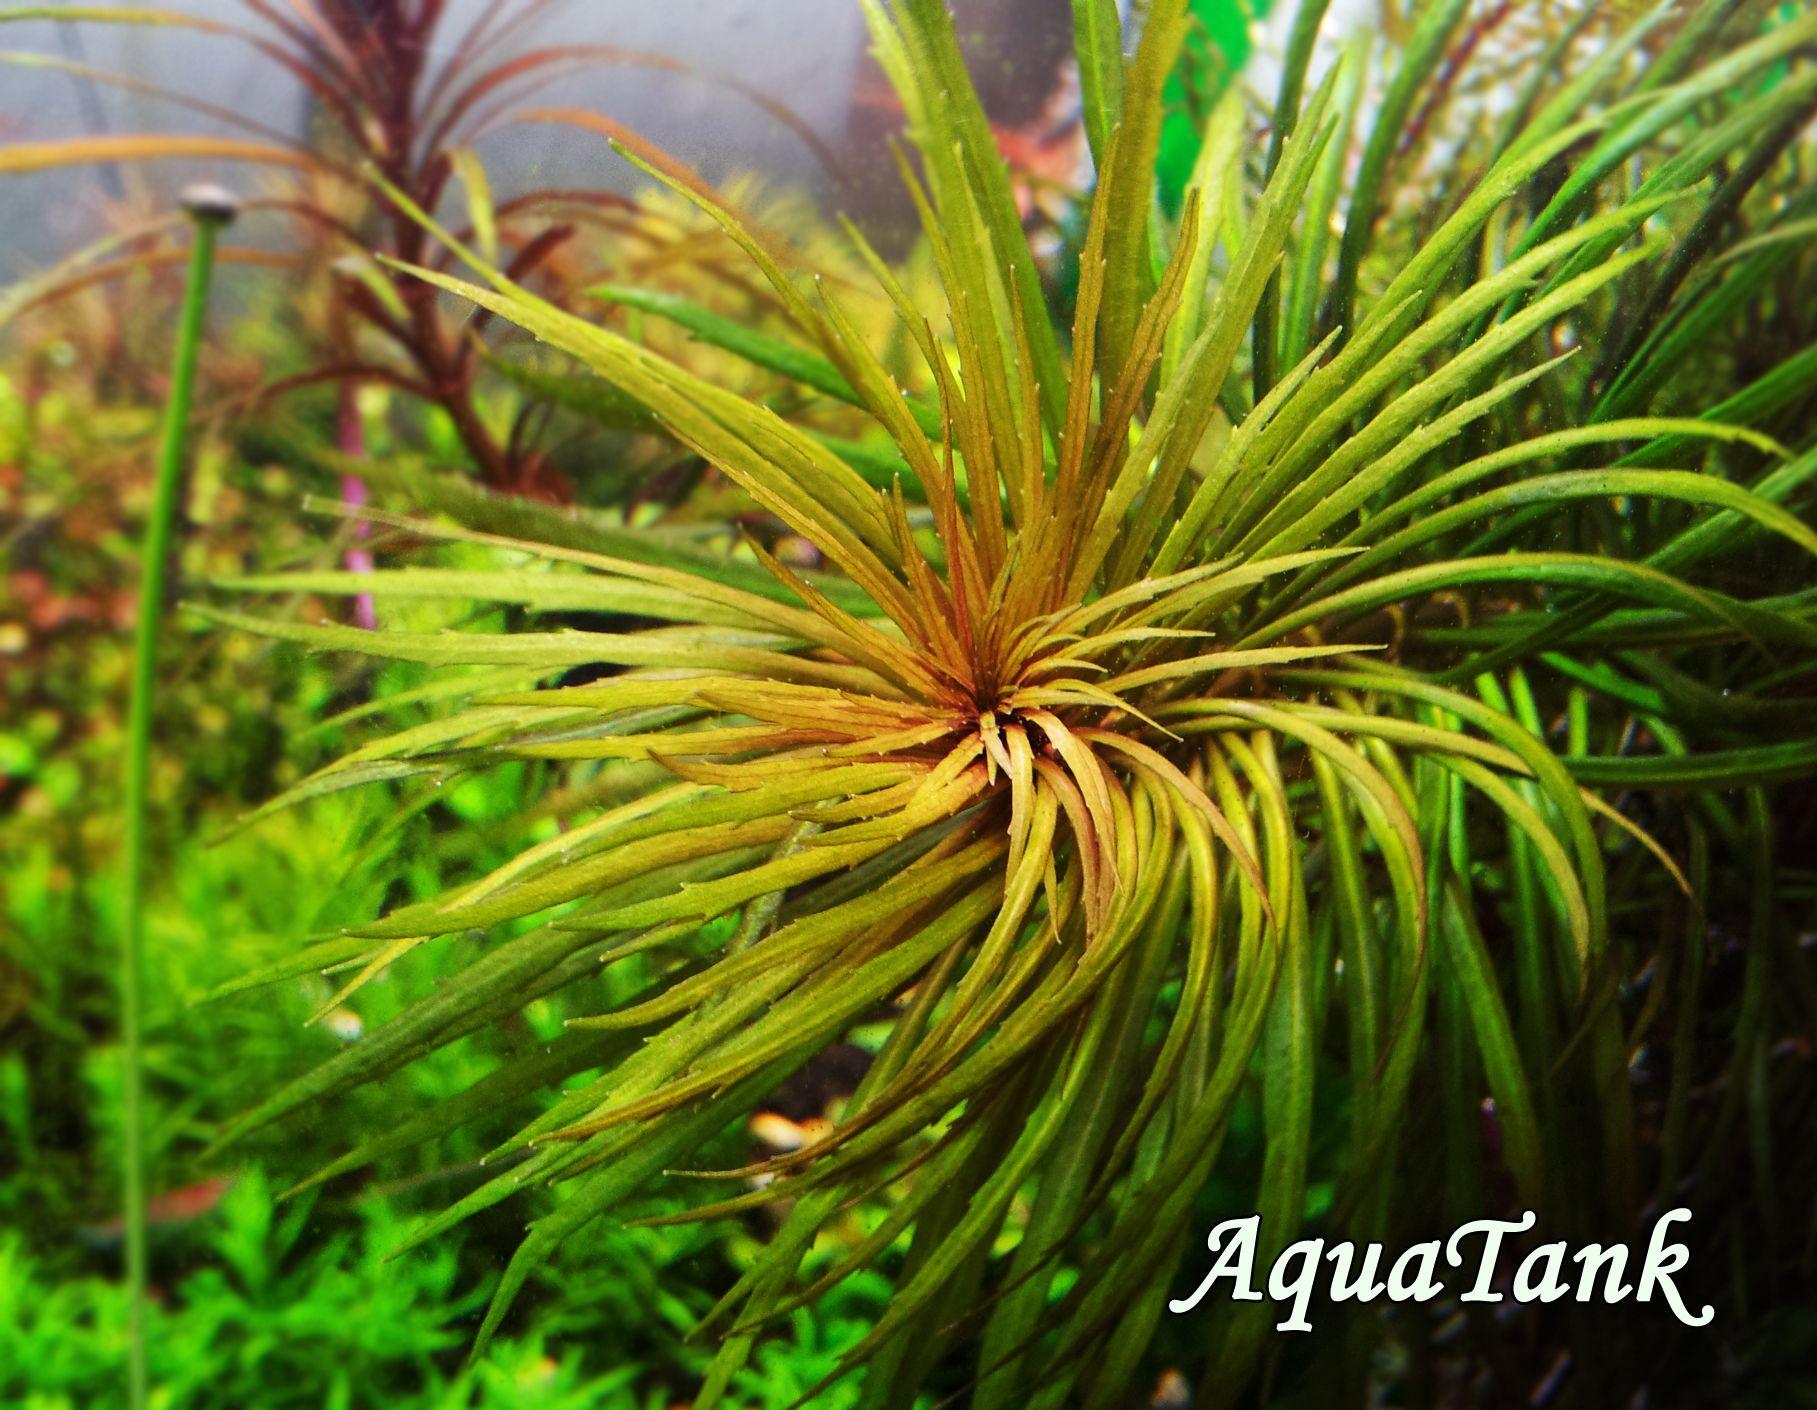 Pogostemon australia Aquascape Pinterest